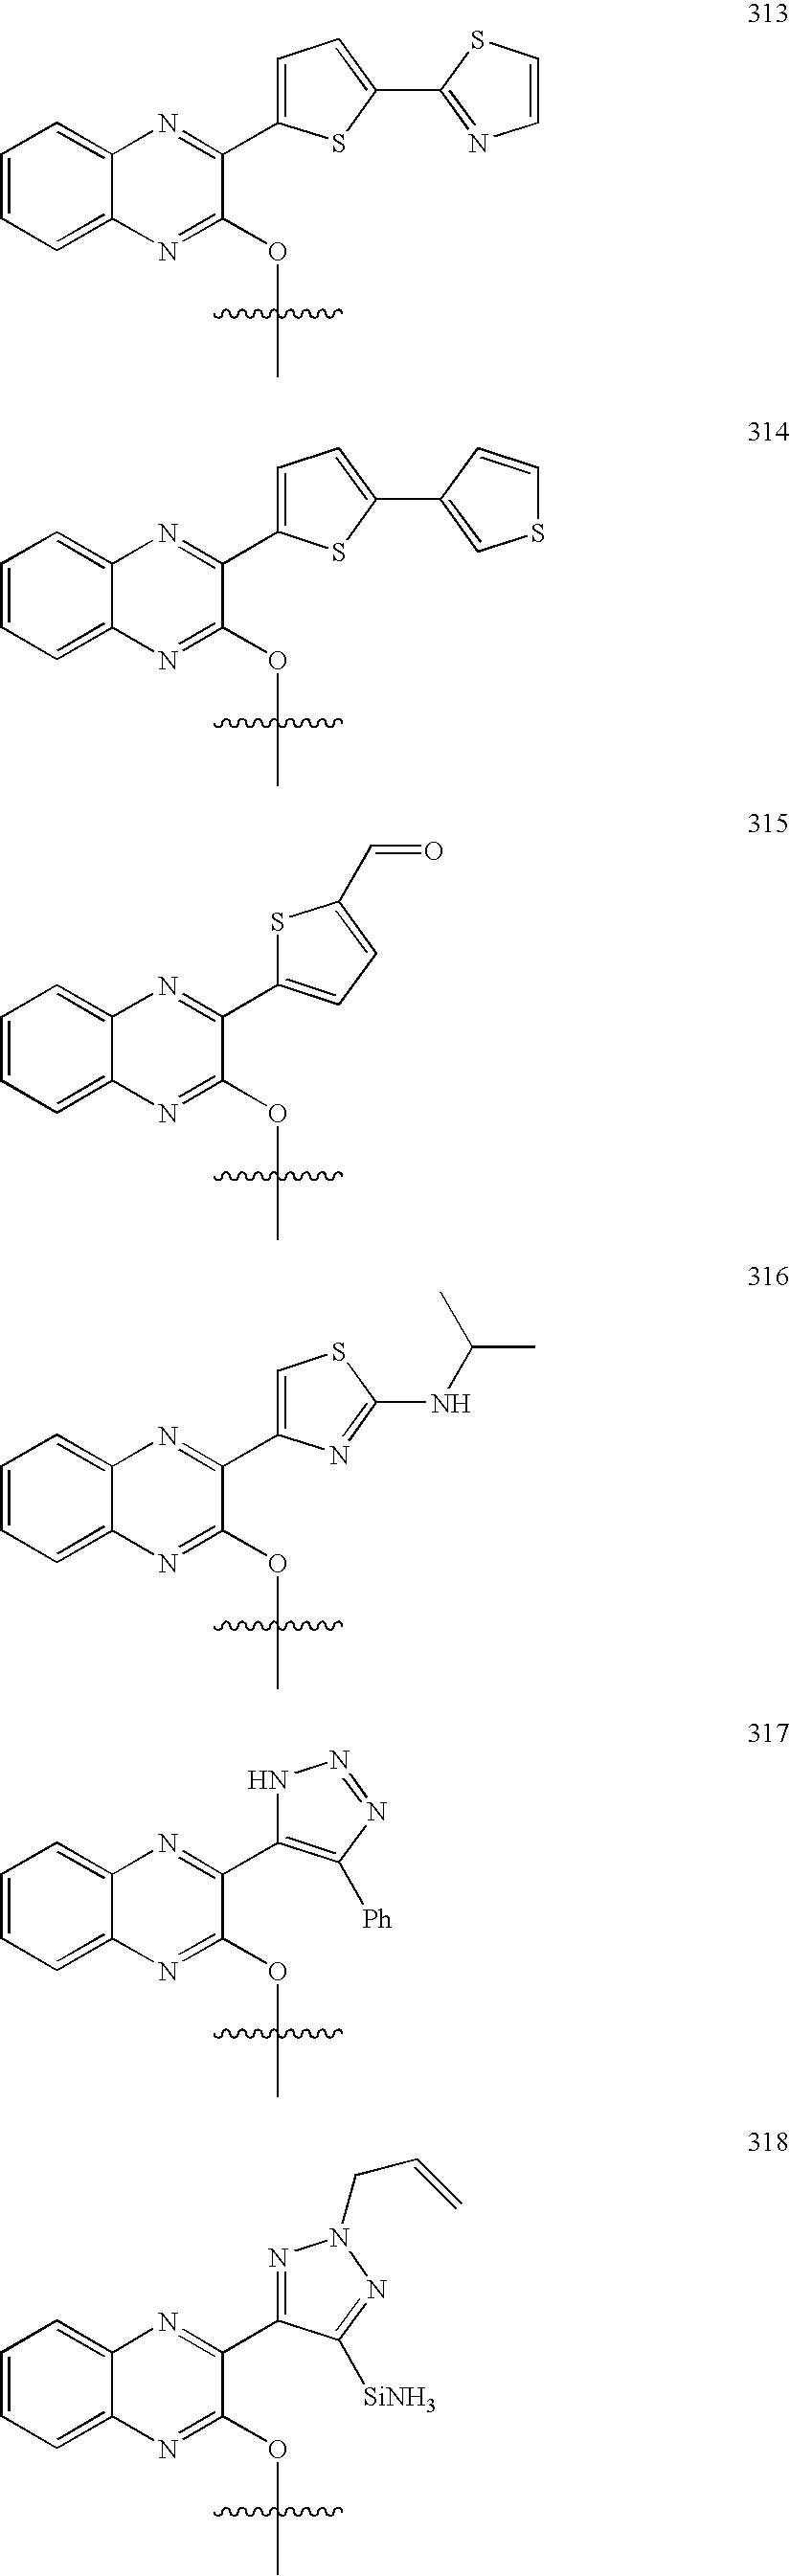 Figure US07368452-20080506-C00251